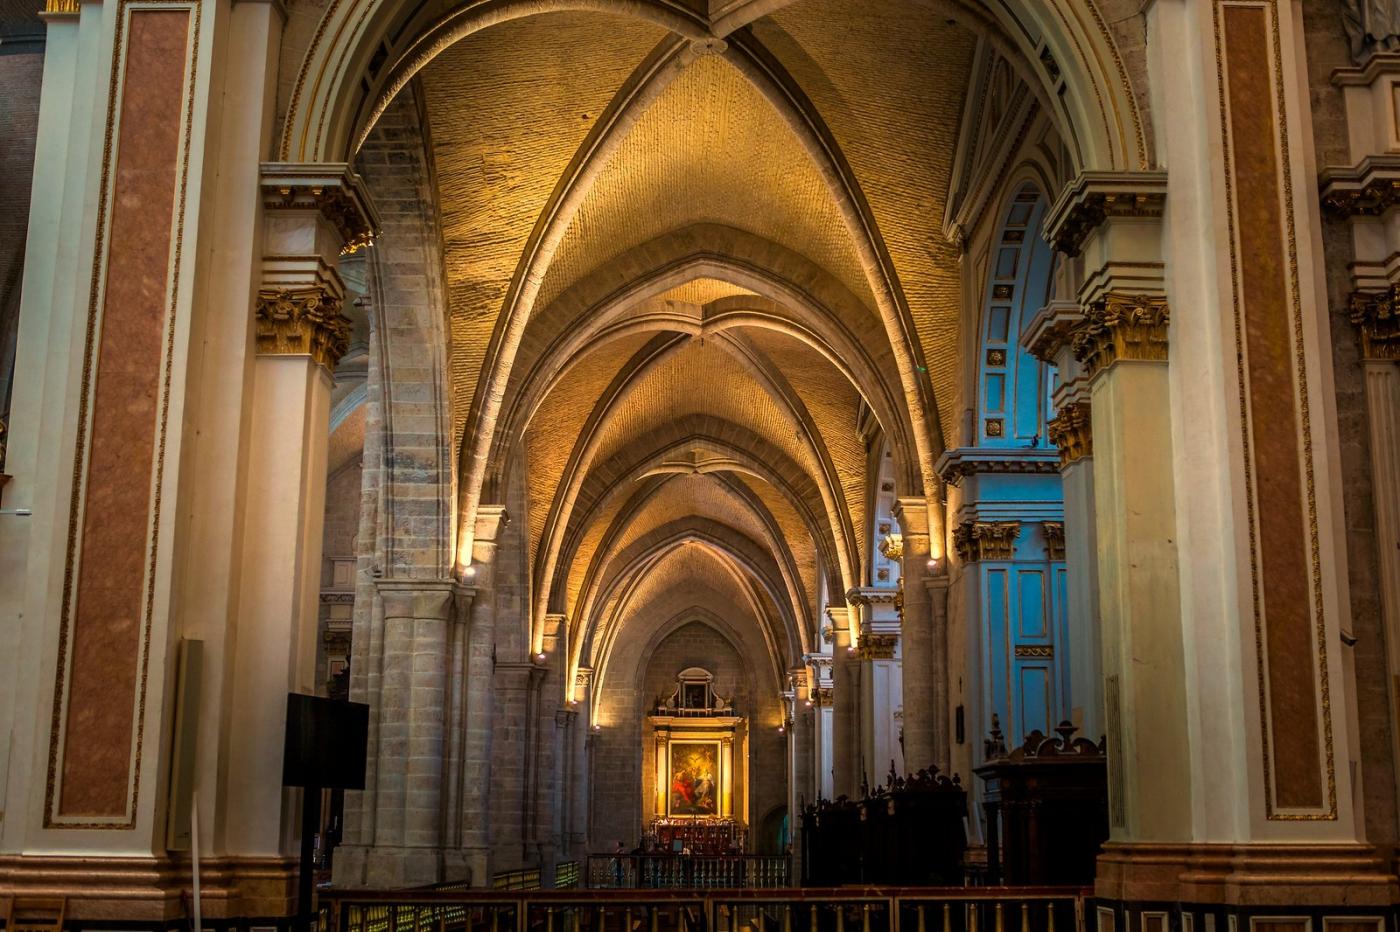 西班牙巴倫西亞主教堂,越看越喜歡_圖1-1